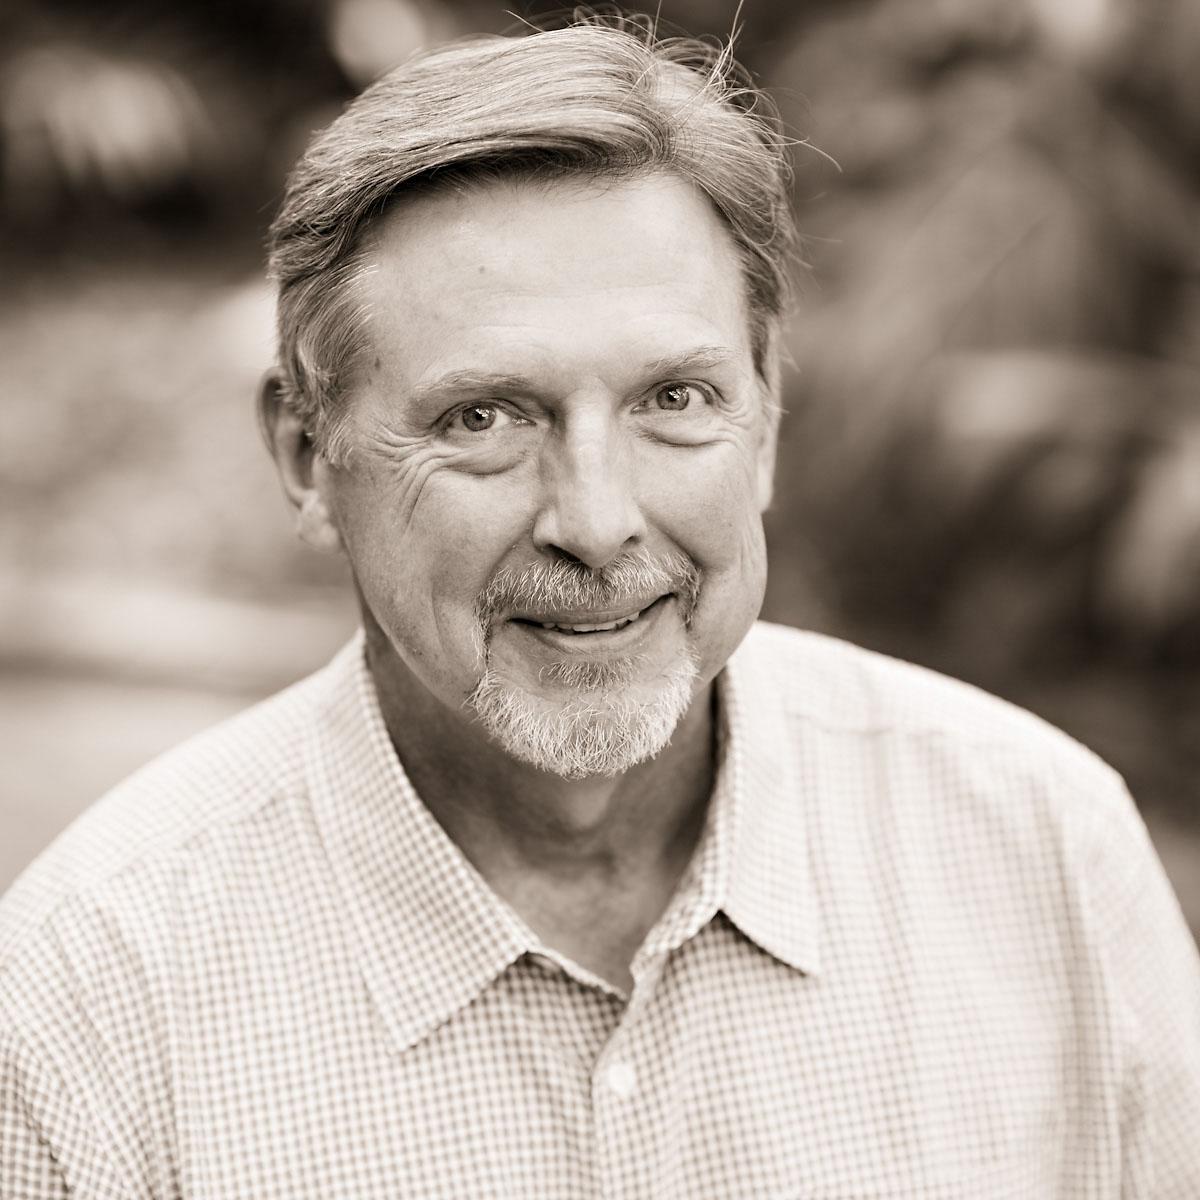 Dr. Paul Sindelar